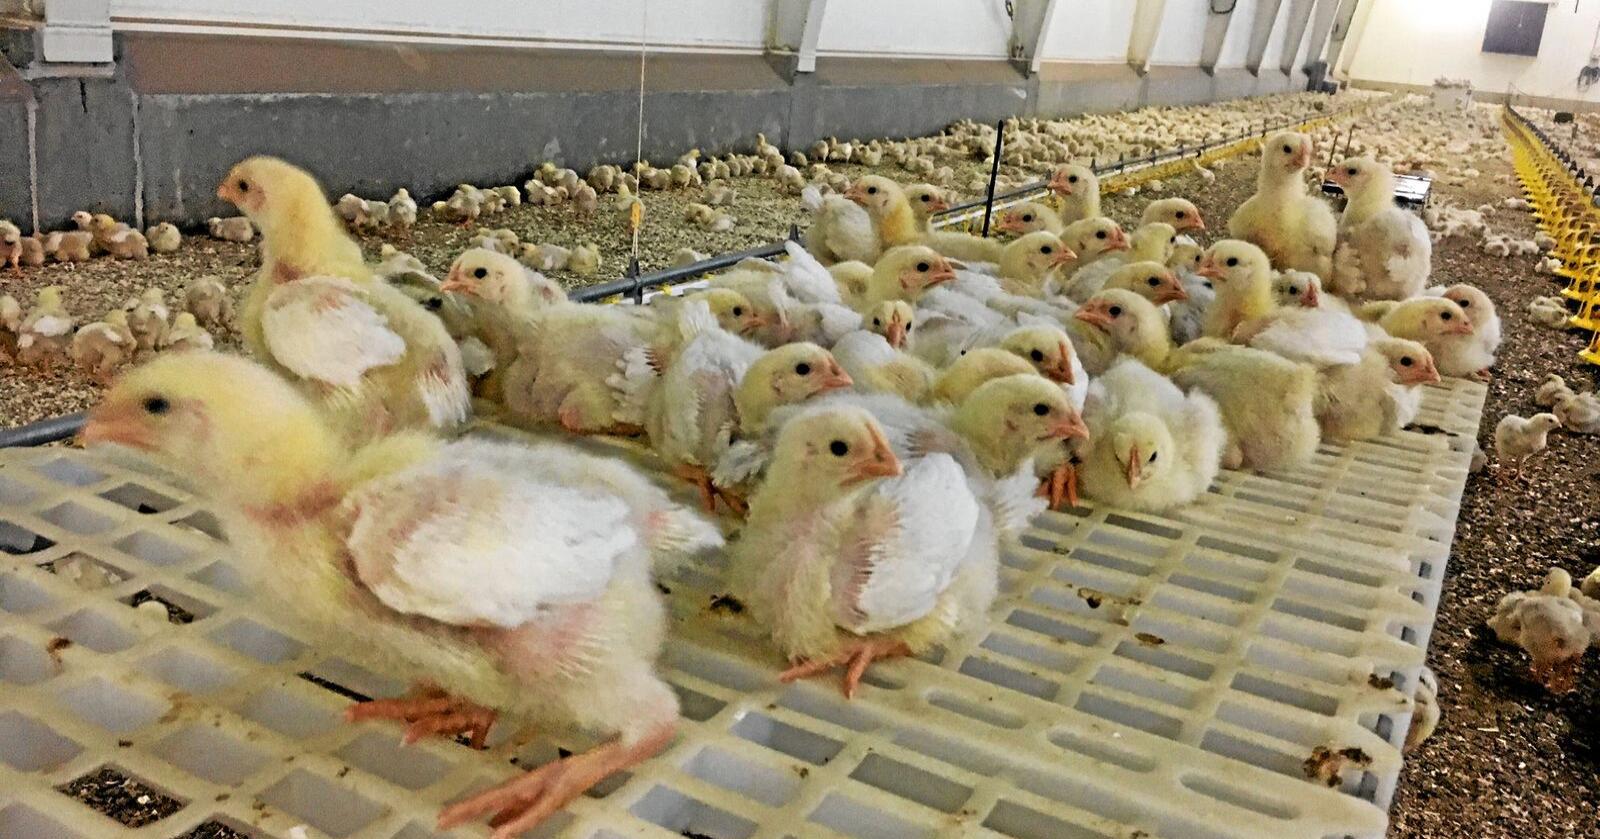 I 2018 ble kyllingrasen Hubbard introdusert. I år hyller en av Mattilsynets inspektører den nye hybriden som også produseres av hennes ektemann. Foto: Kato Nykvist/ Nationen